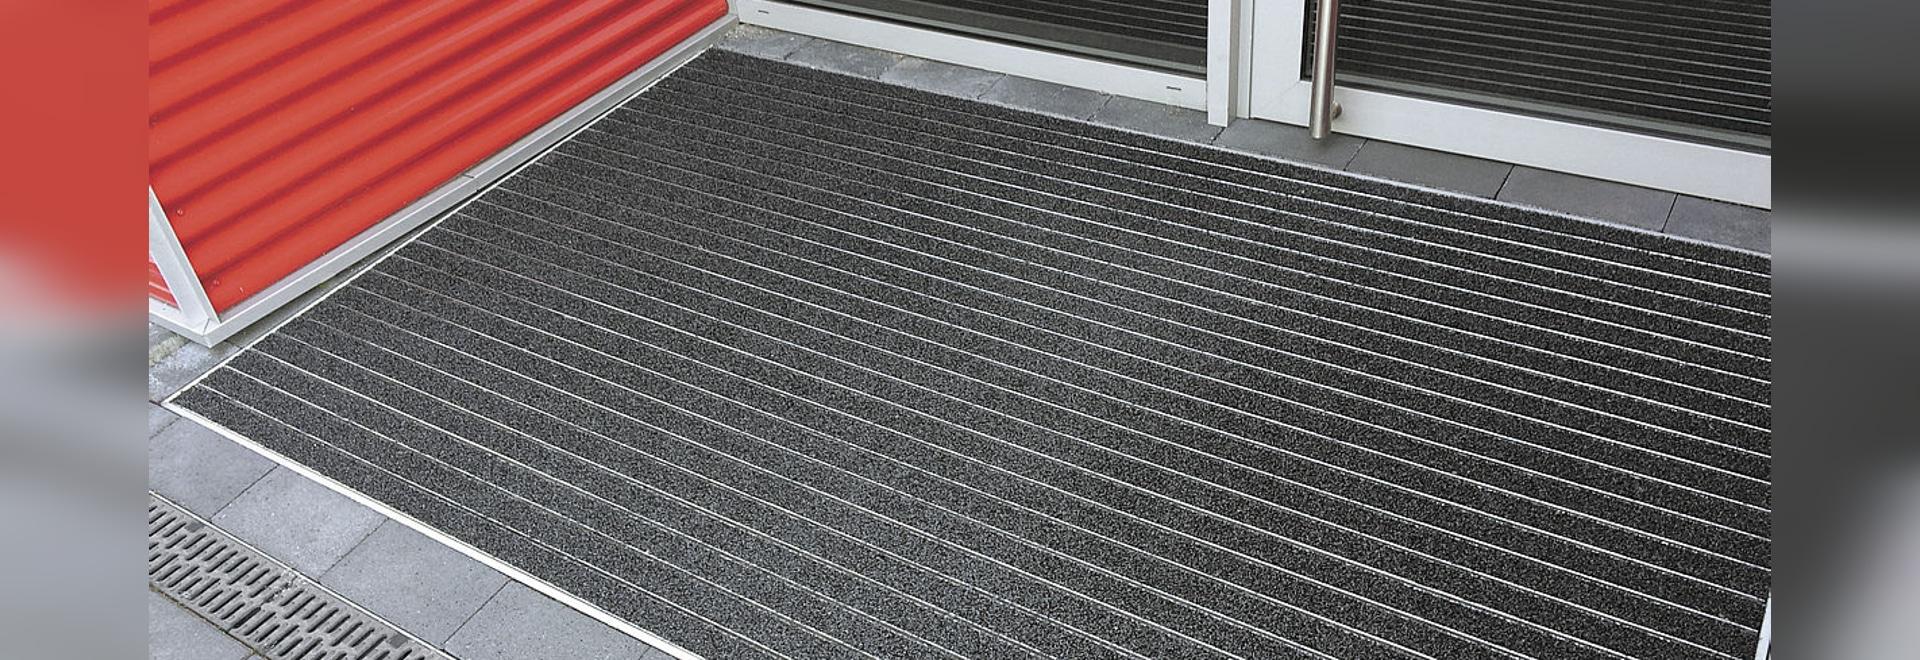 Eingangsmattensystem mit extra breiten Trägerprofilen für den Außenbereich